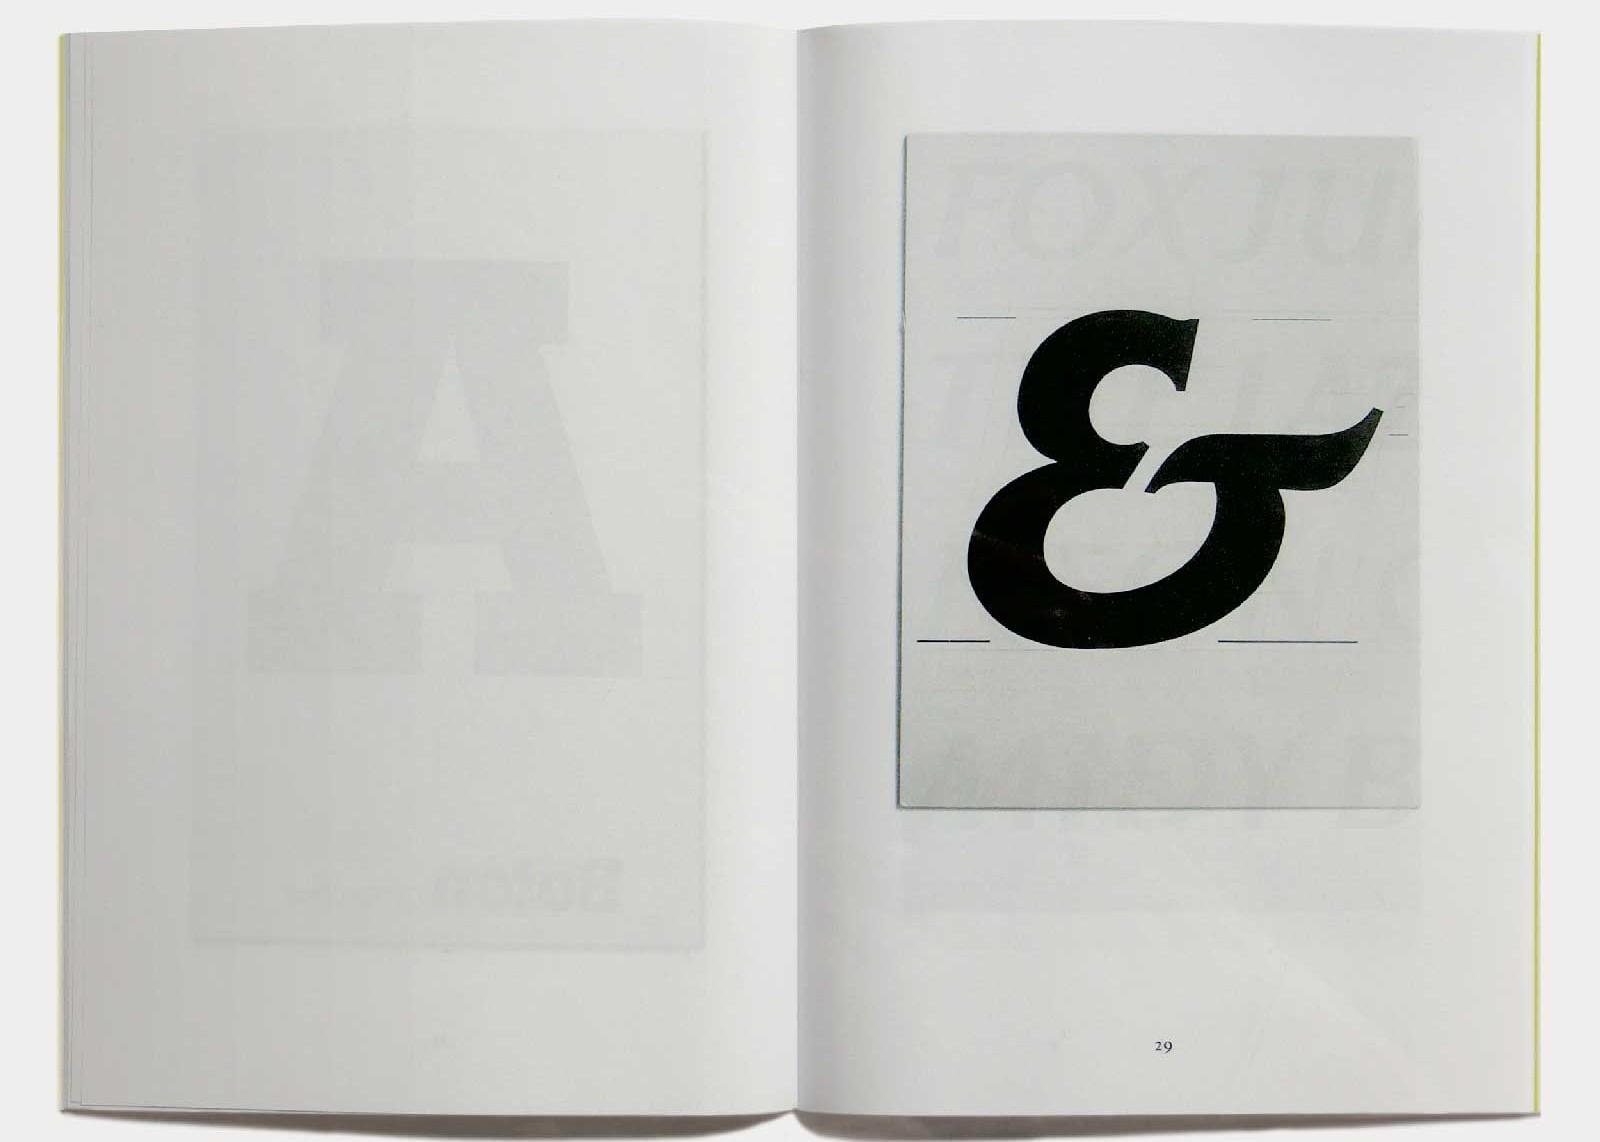 Page 29 — Caractère Elan (1986, ITC), dessin original à l'encre sur carte à gratter.